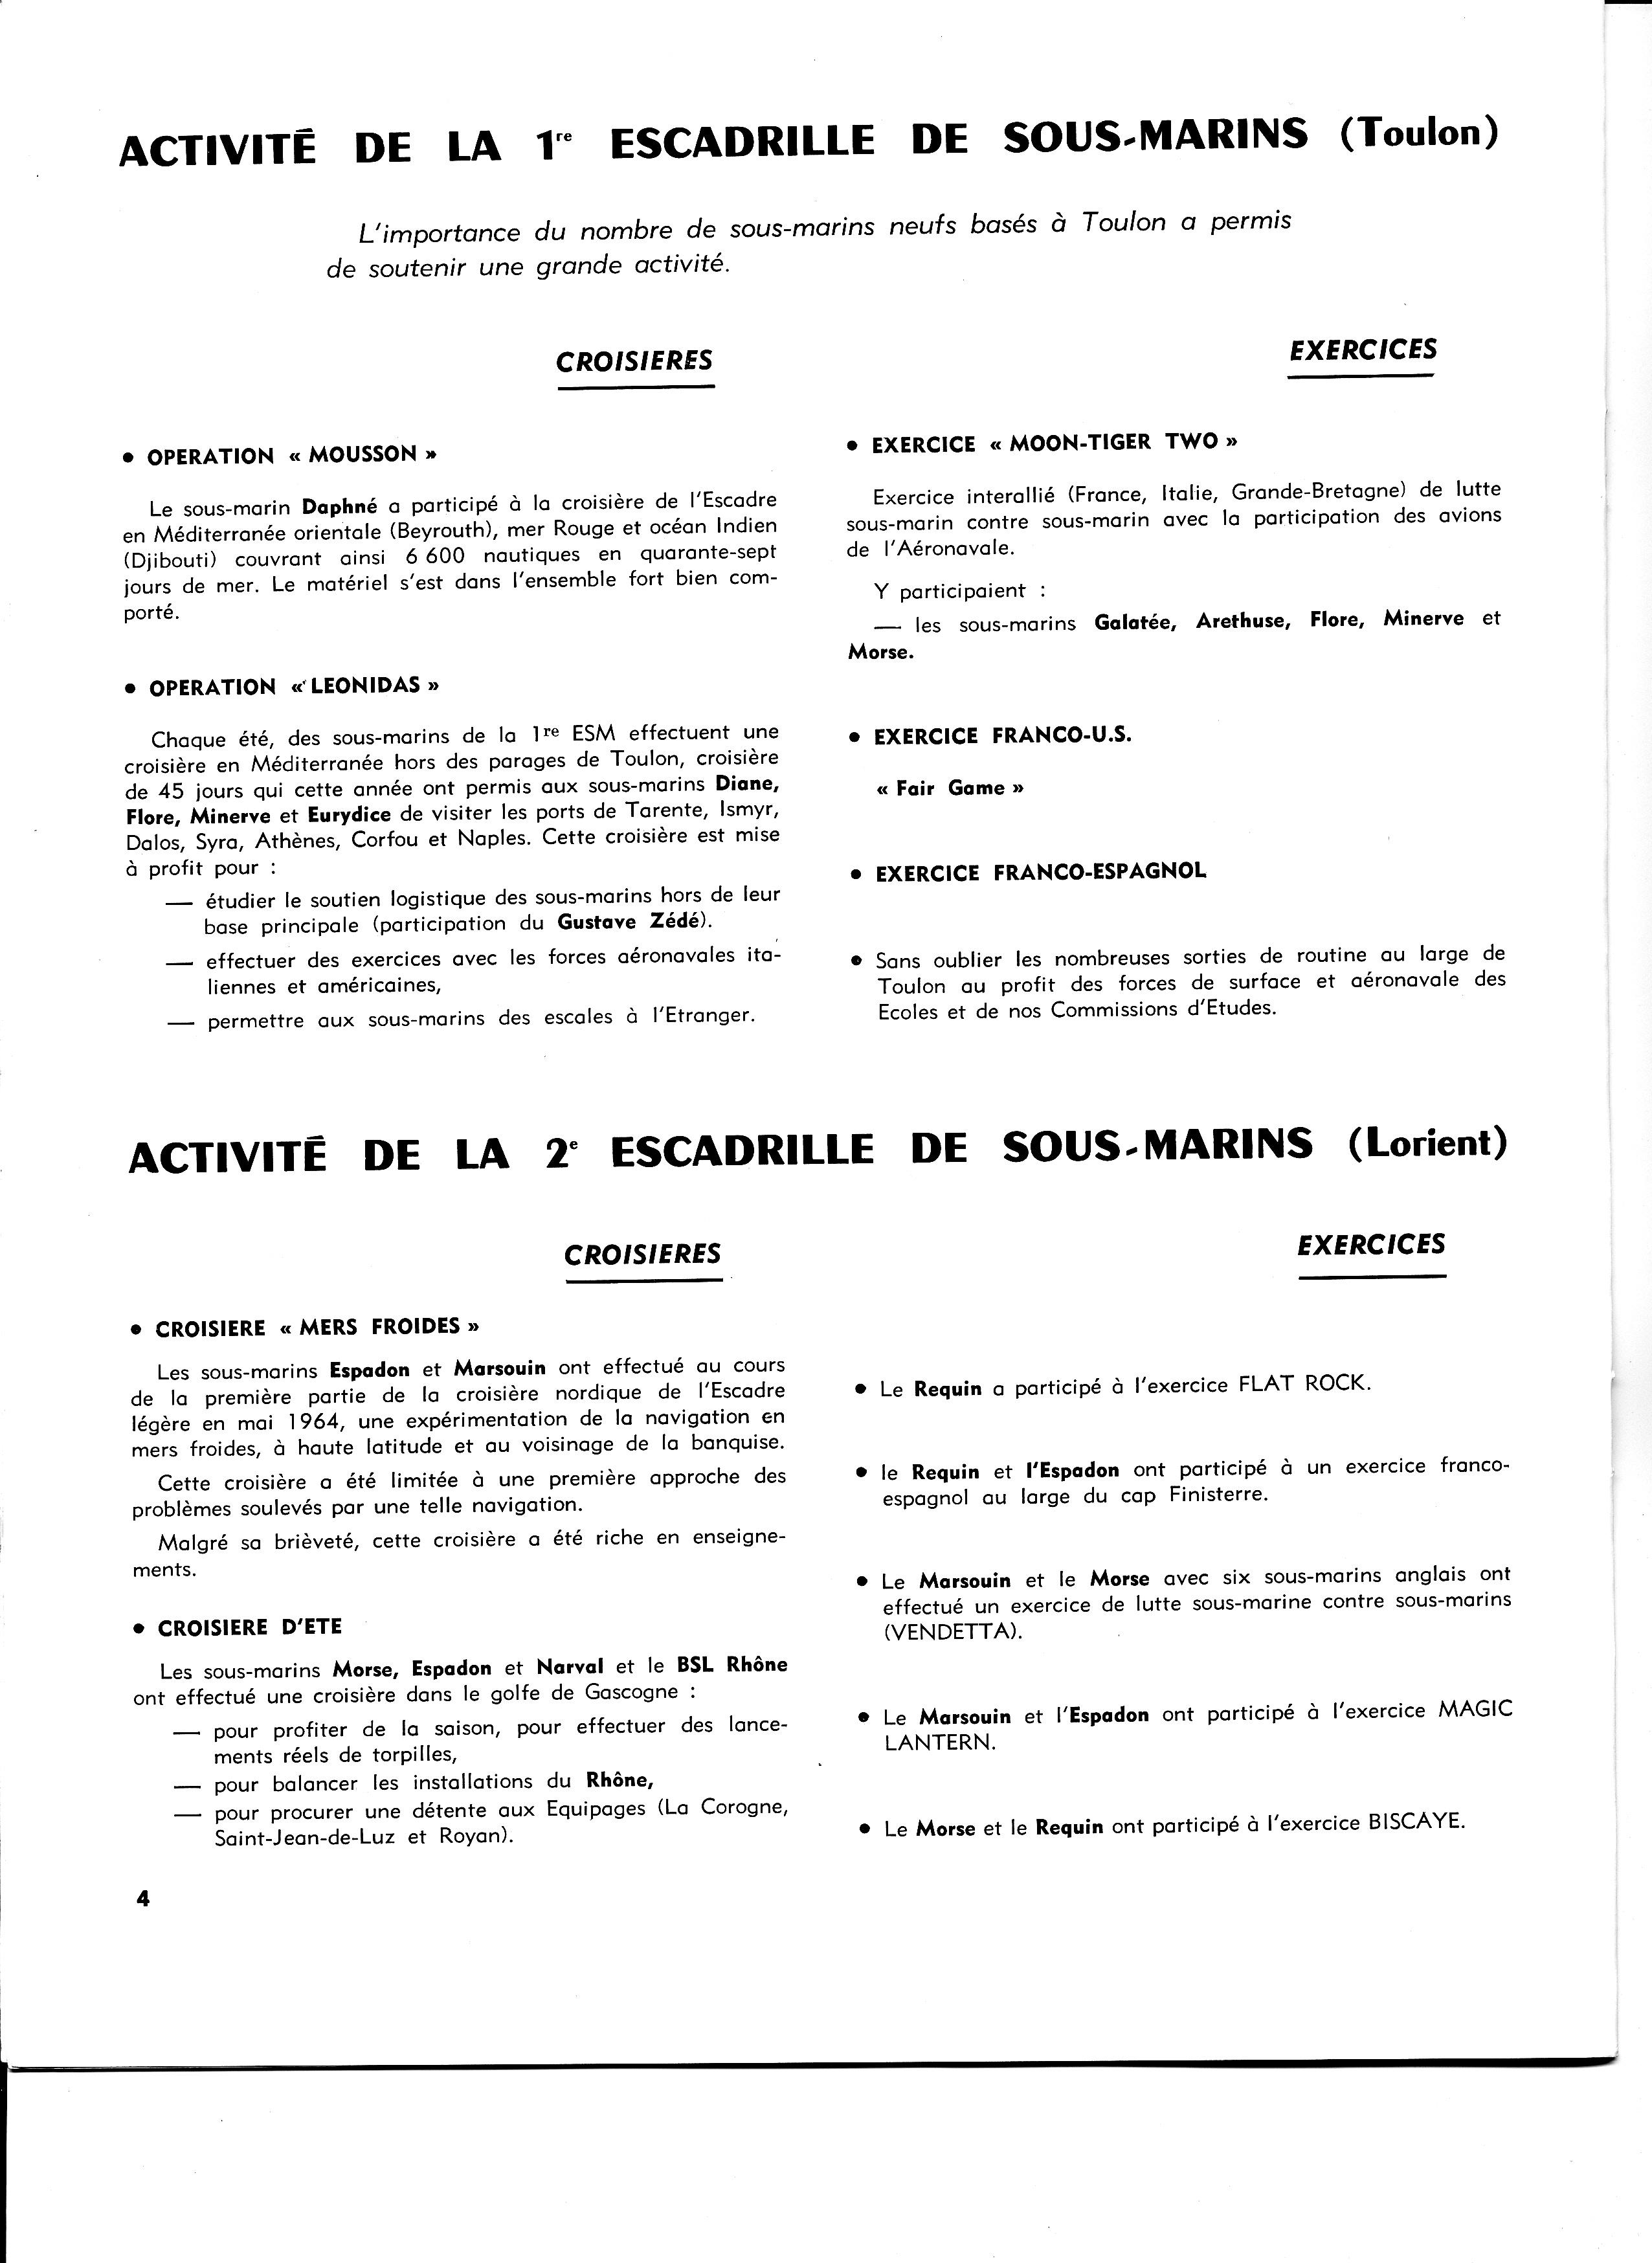 [ Divers - Les classiques ] Les 1ère et 2ème Escadrilles en 1965 924036plonge4